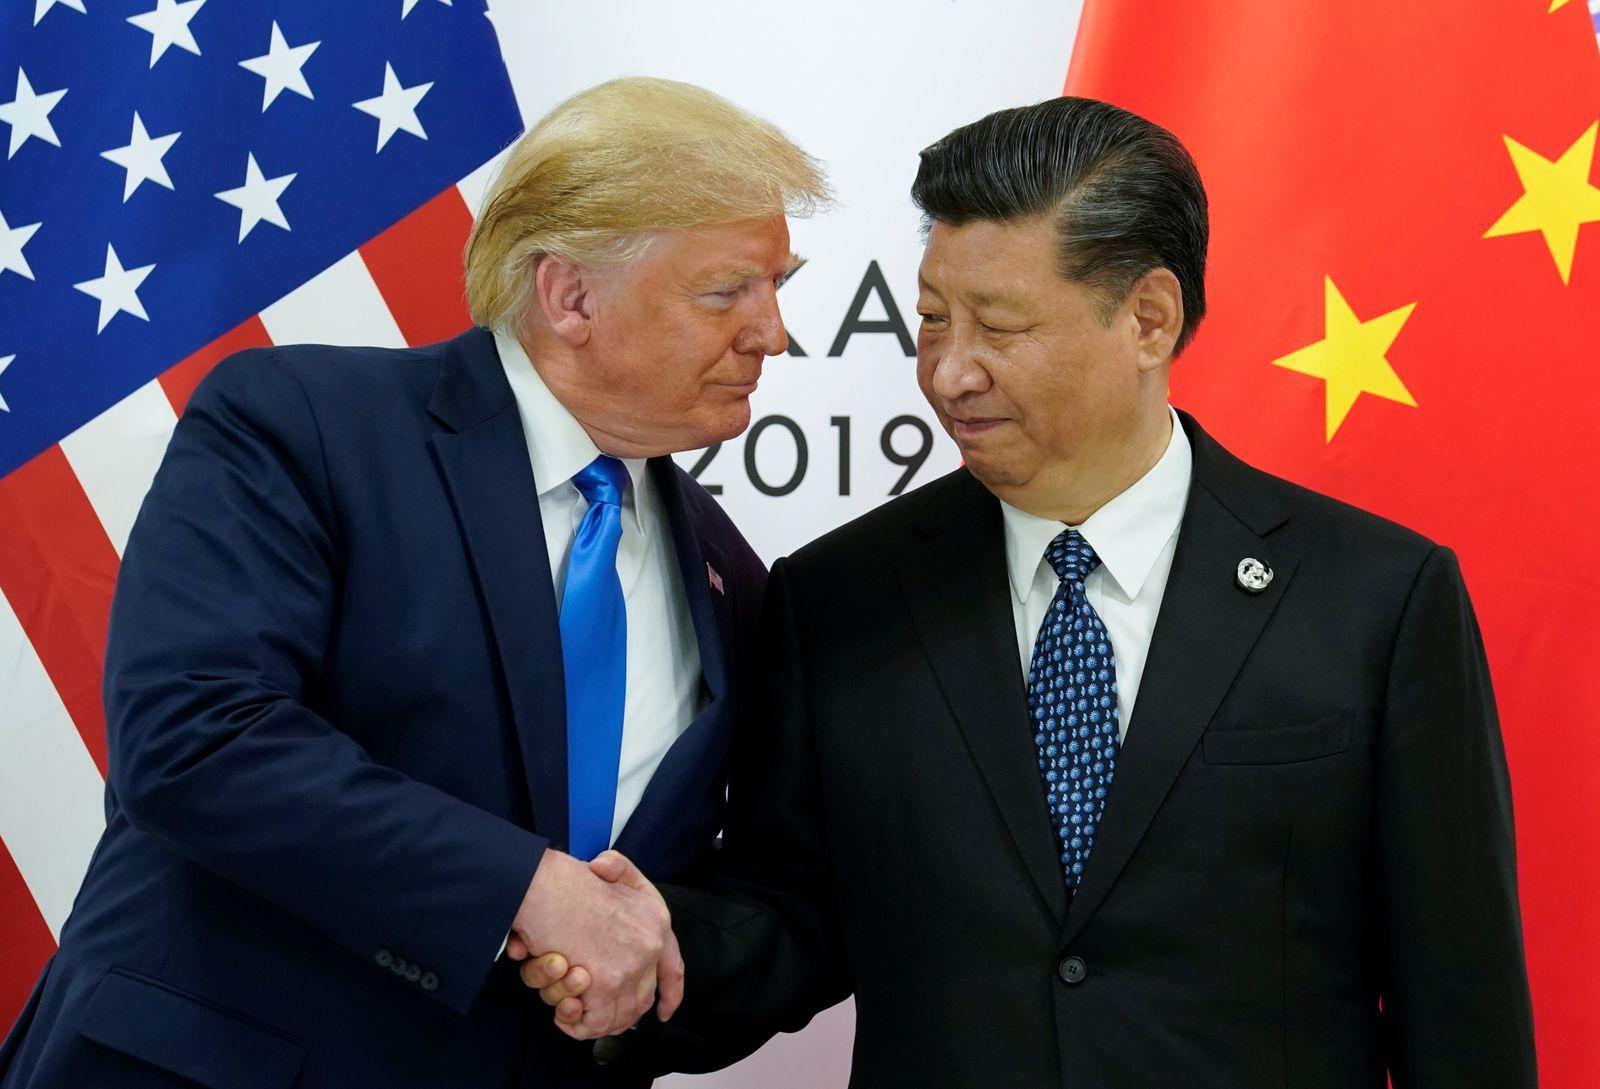 G20-SUMMIT/TRUMP-XI